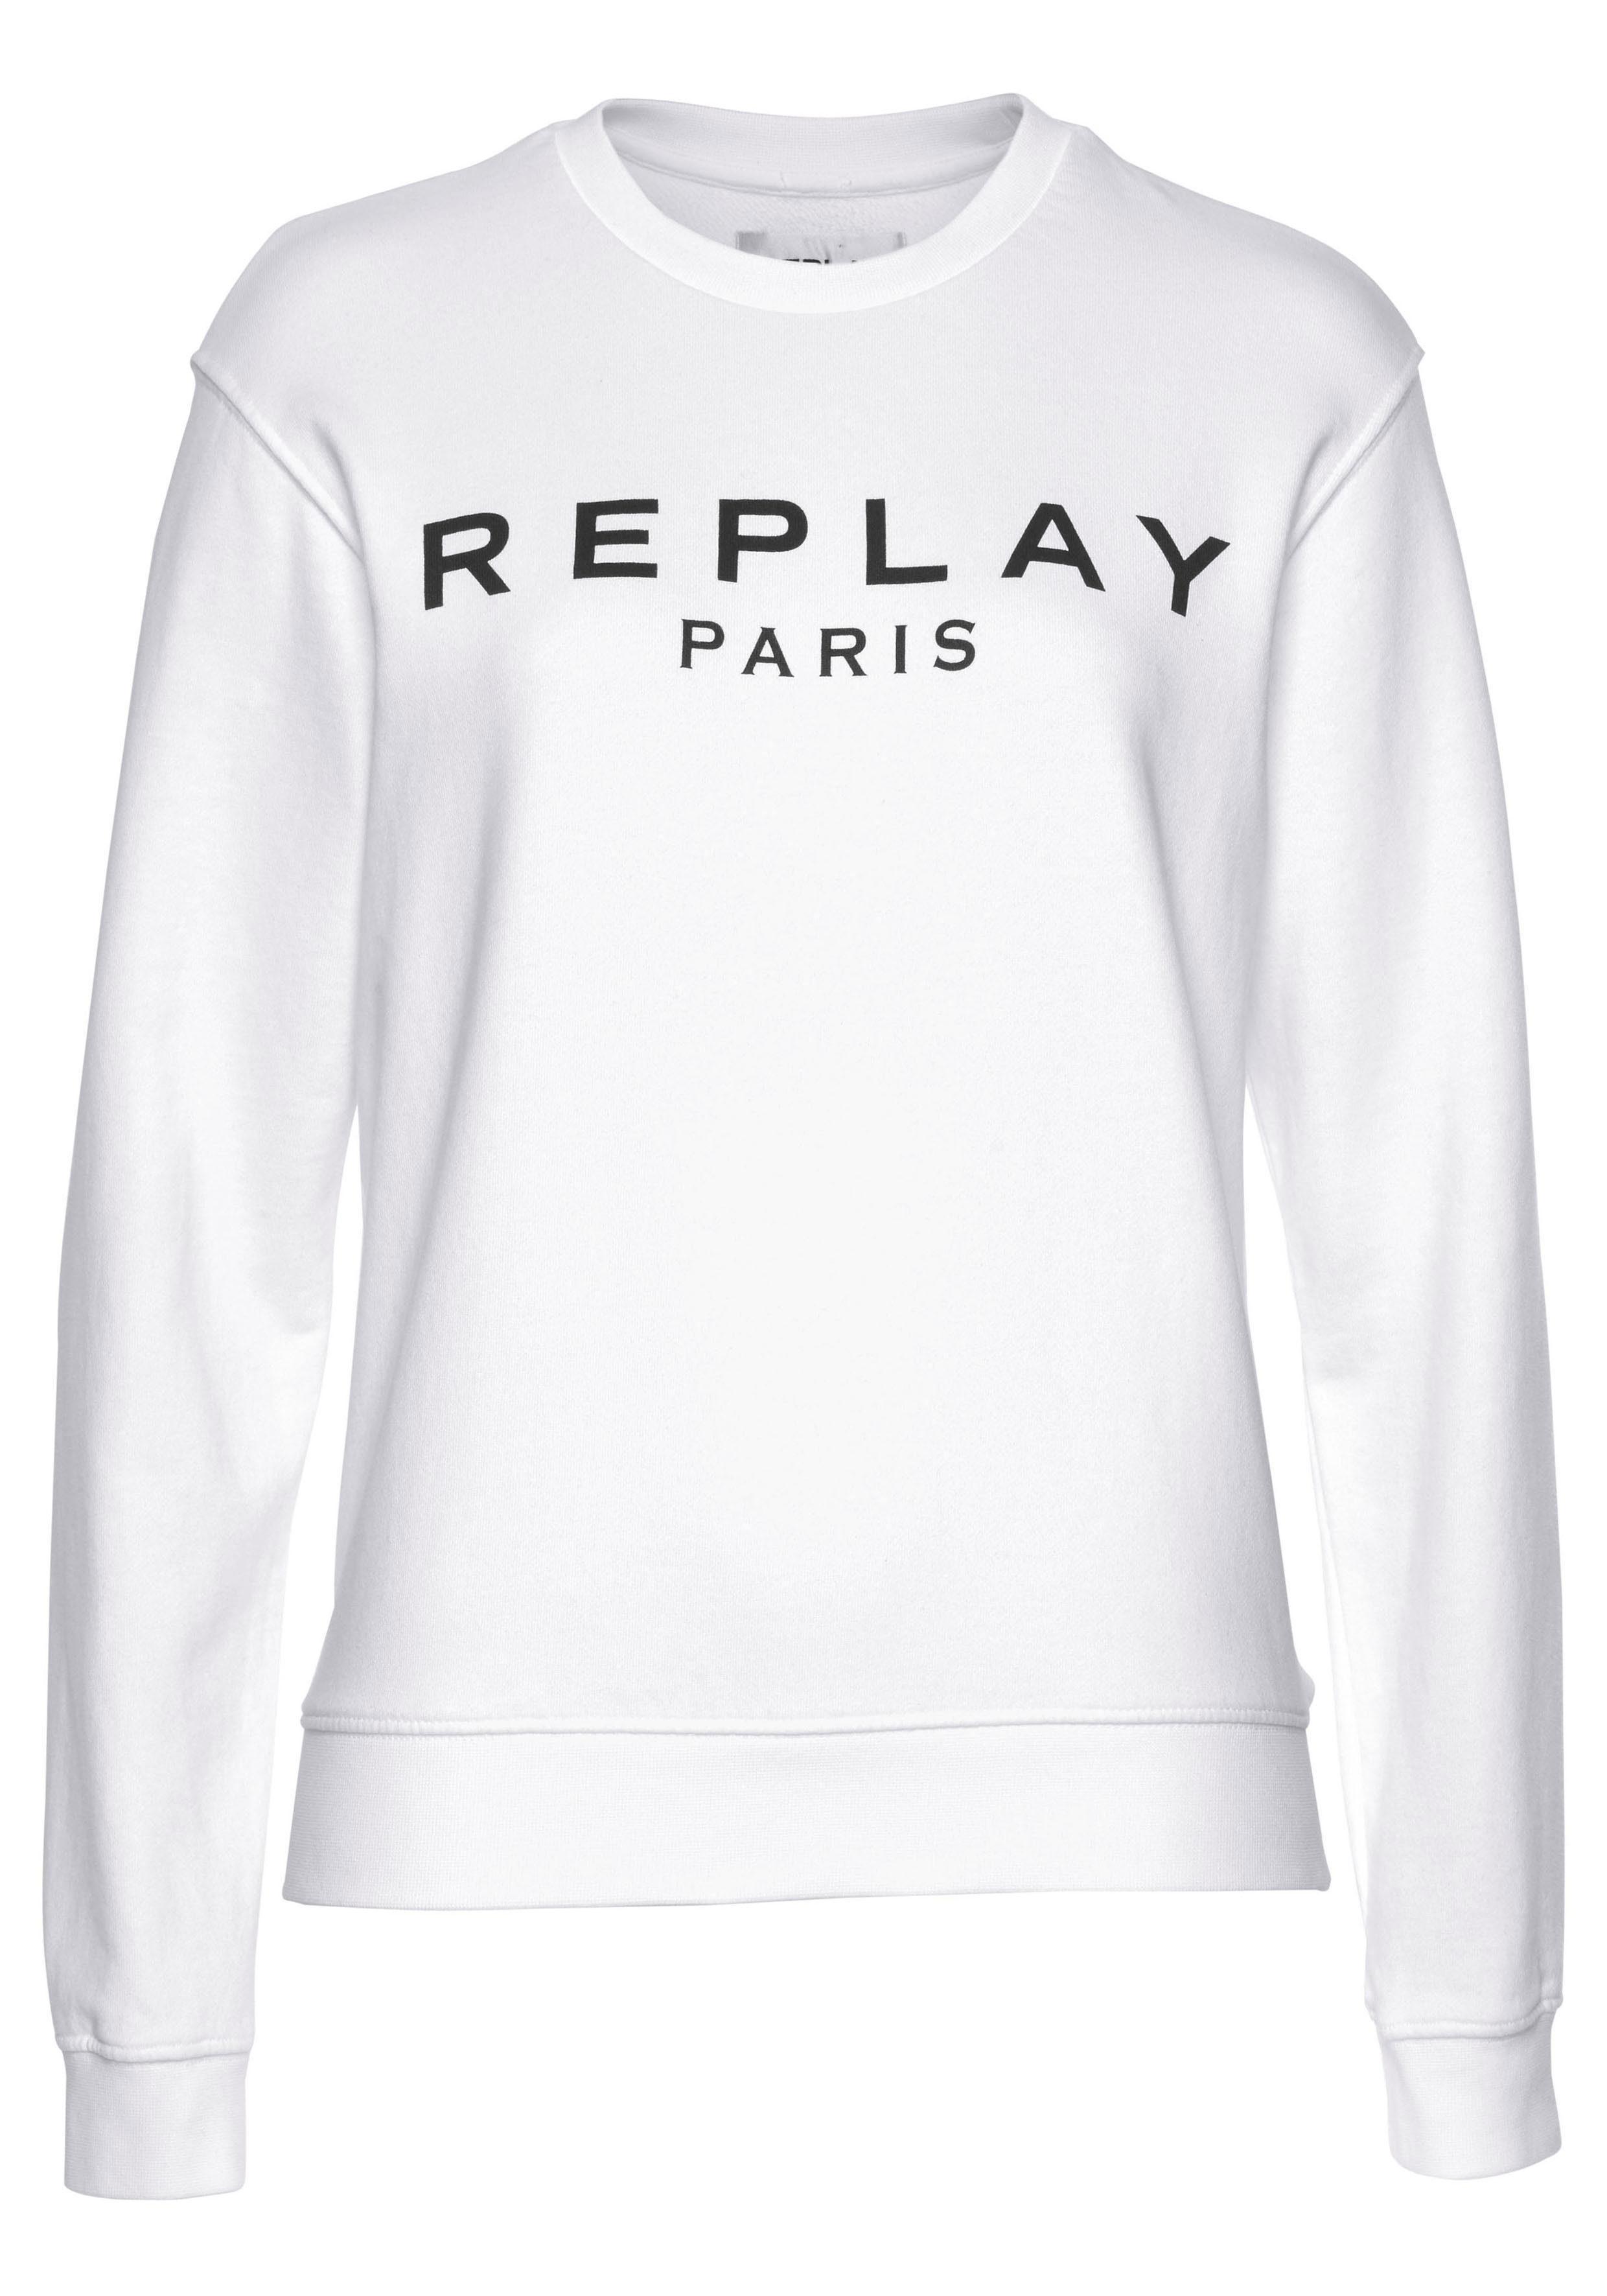 REPLAY Sweatshirt Weiß 100% Baumwolle Damen Pullover